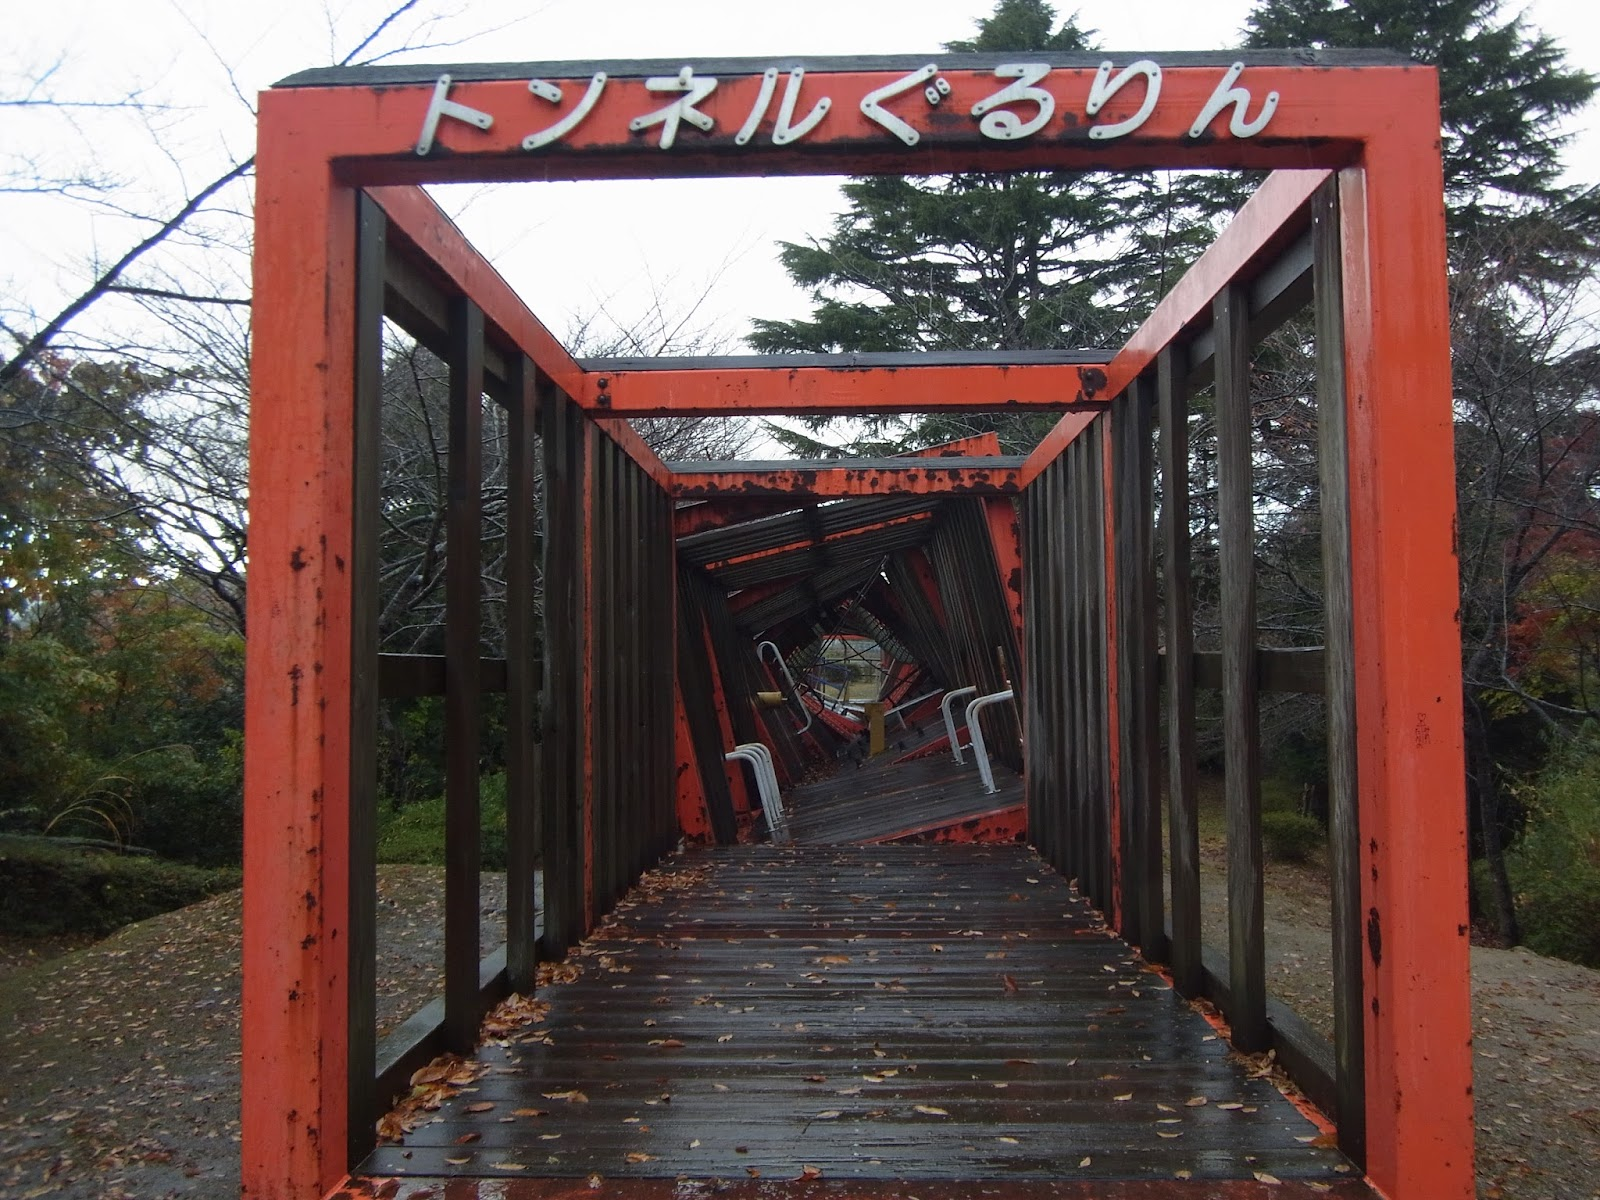 262/1000 松ヶ岡公園(福島県いわき市)